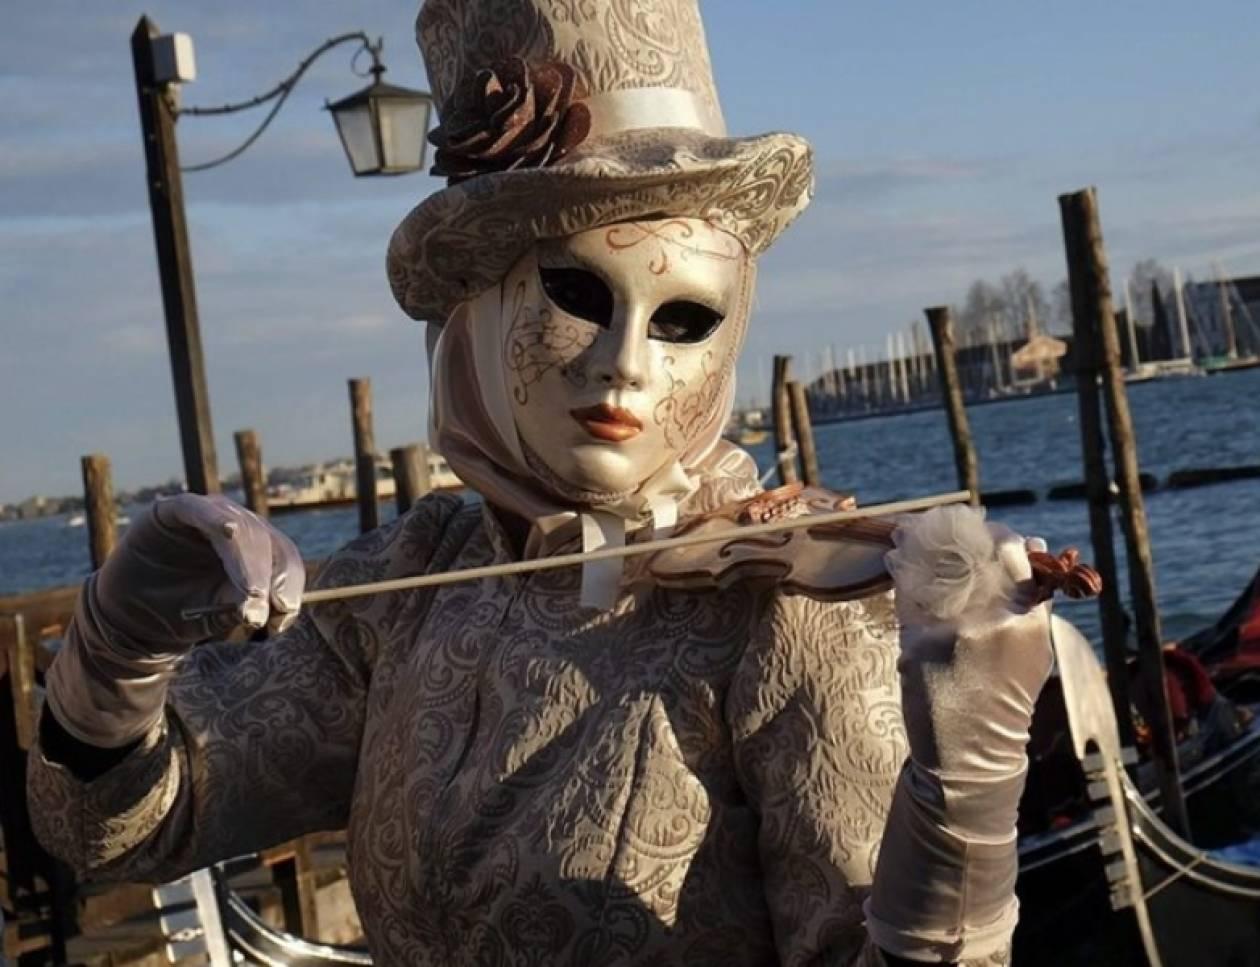 Δείτε ένα στιγμιότυπο από το καρναβάλι της Βενετίας